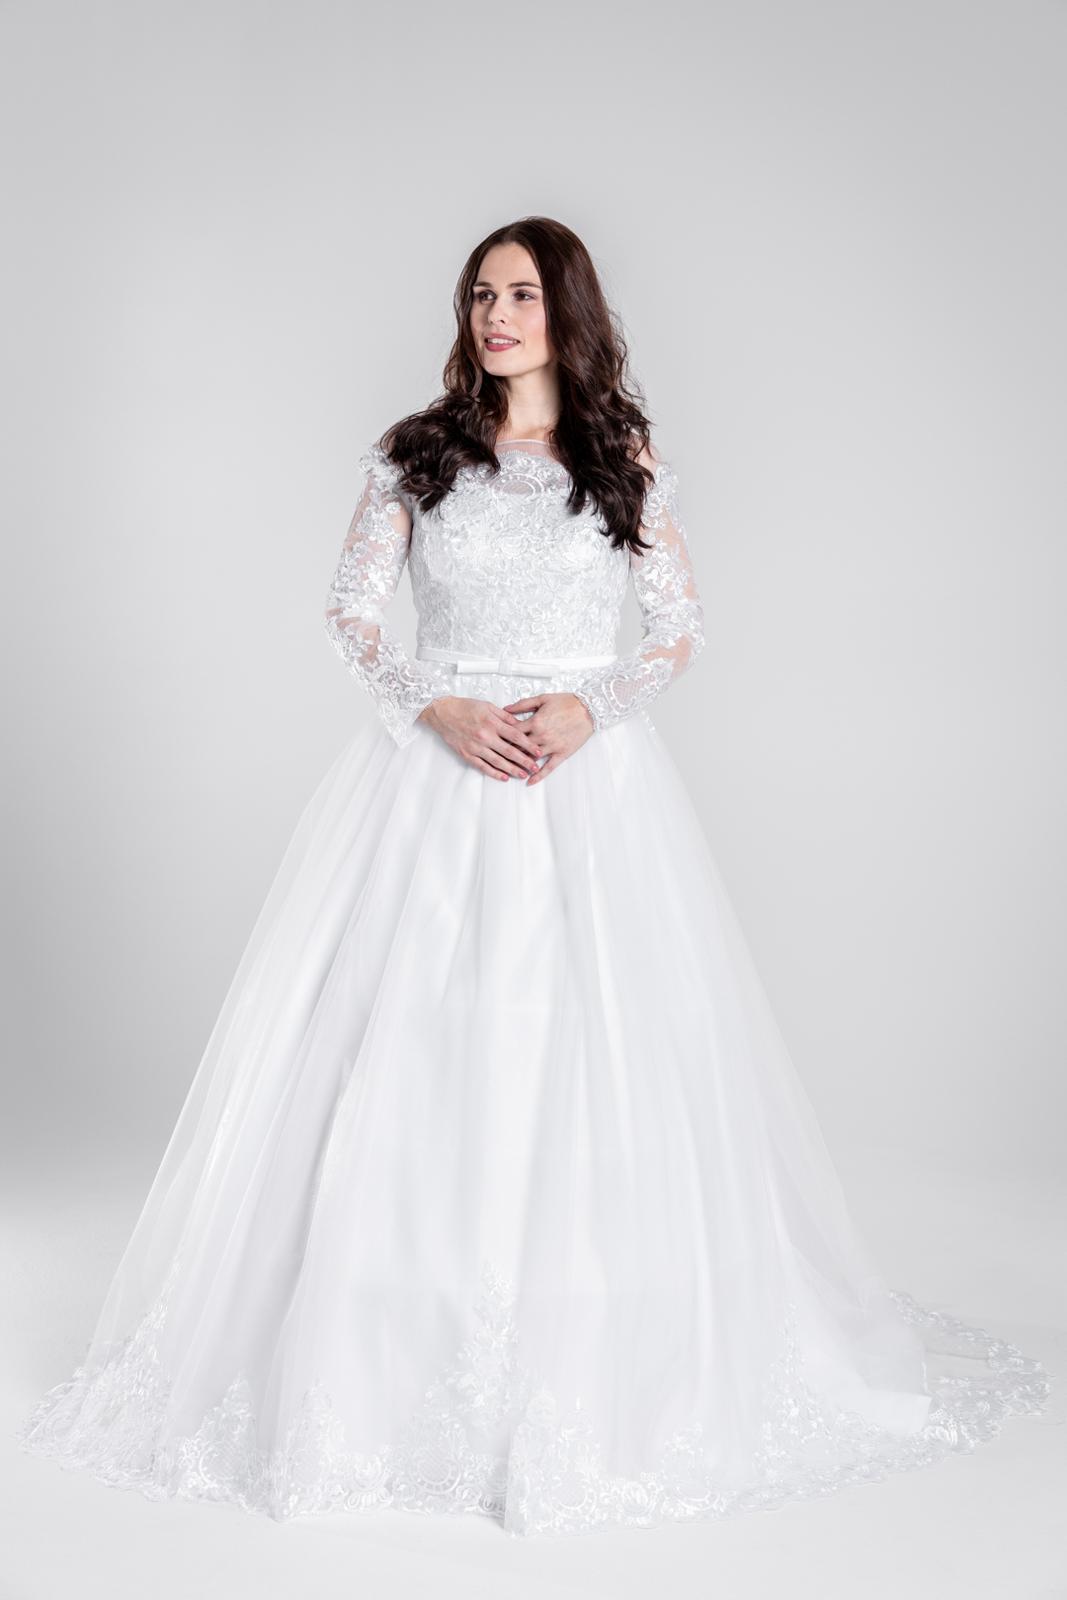 Svatební šaty s dlouhými rukávy, šněr. VEL 40-46 - Obrázek č. 1